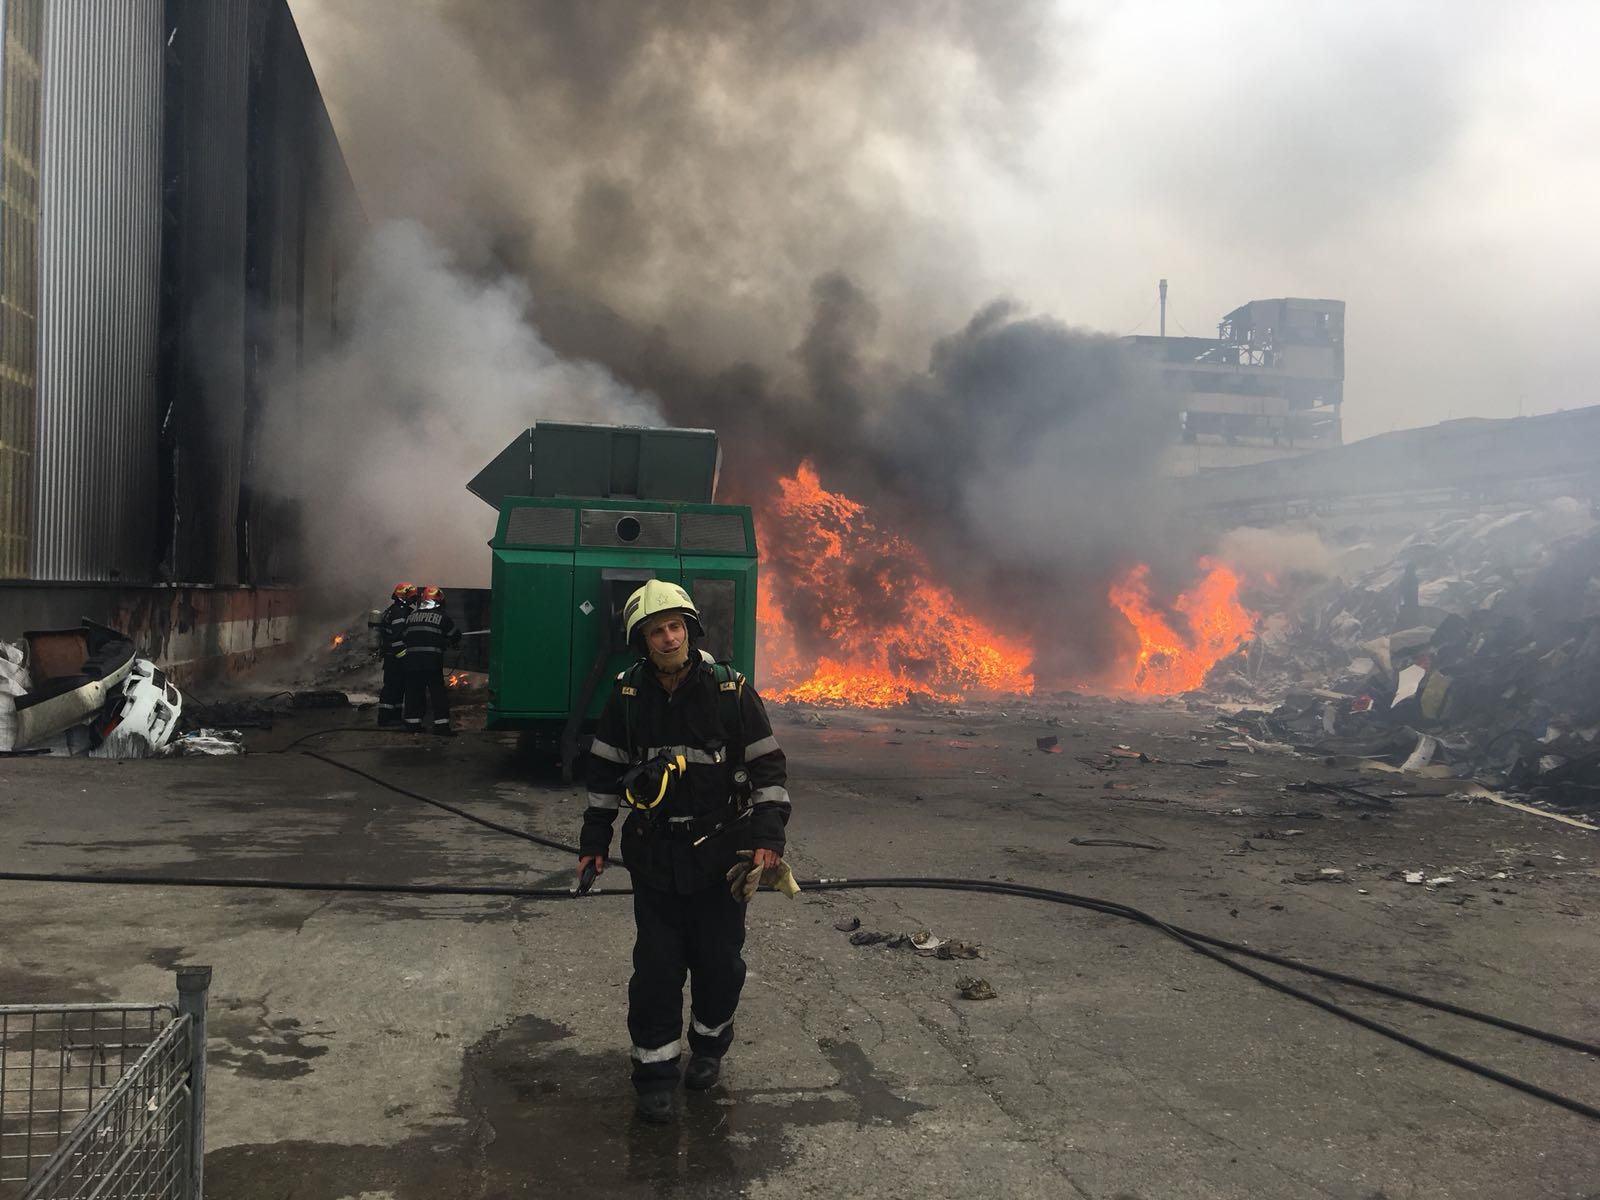 Incendiu puternic la fosta Rafinărie Astra din Ploieşti. Fumul gros, vizibil de la distanţă. FOTO